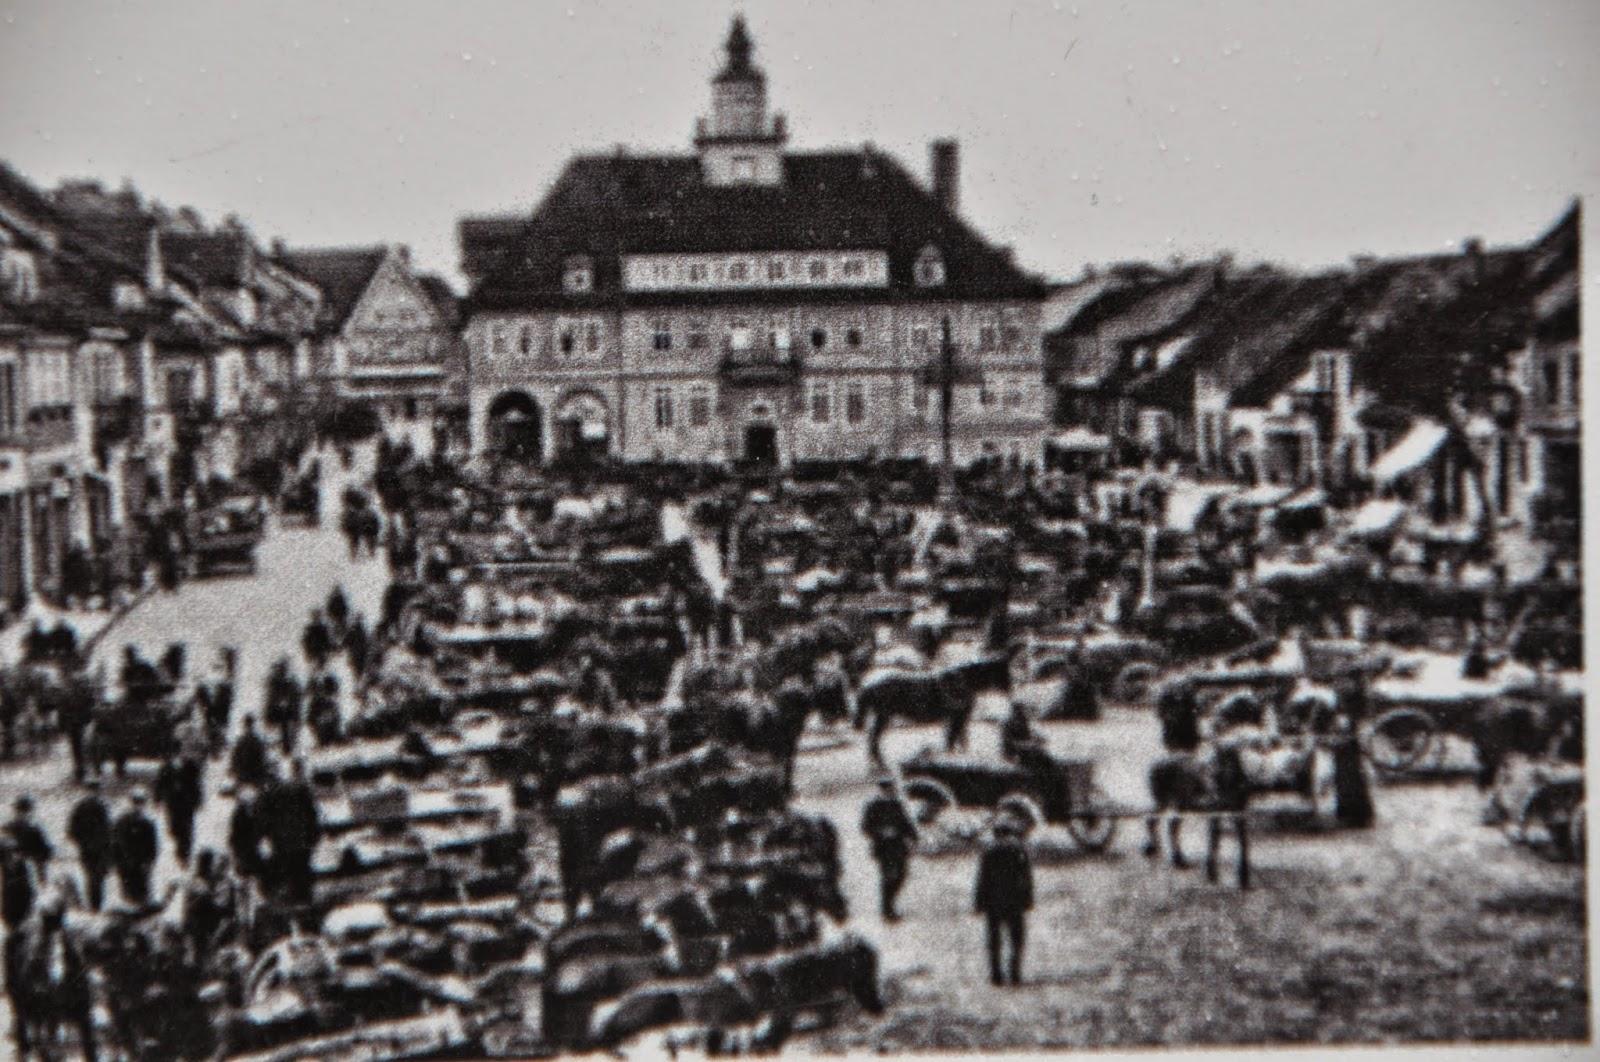 Walking the Battlefields: The Battle of Tannenberg (1914)